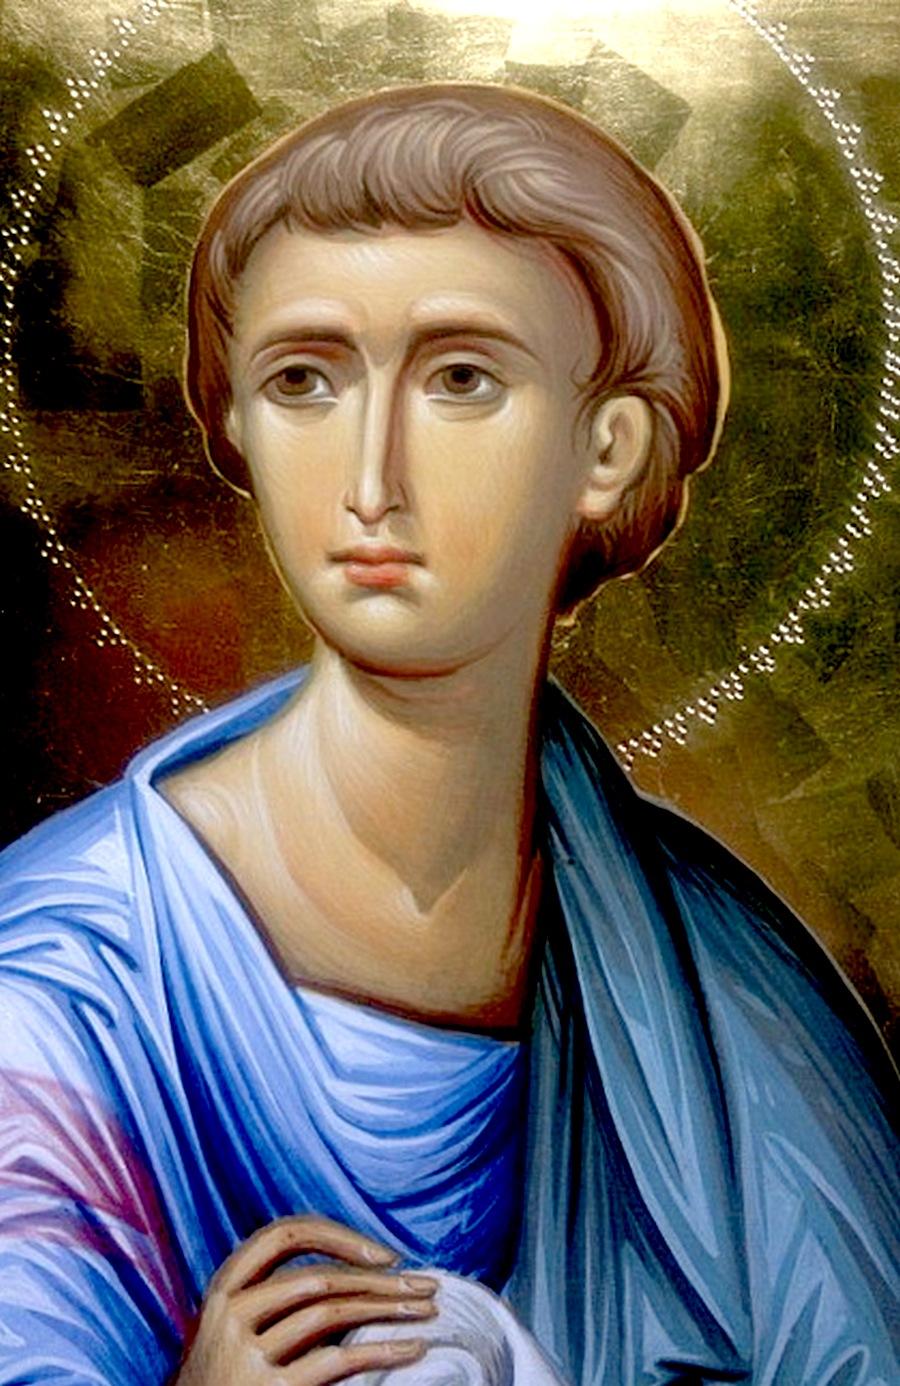 Святой Апостол от Семидесяти Фаддей. Иконописец Зураб Модебадзе.